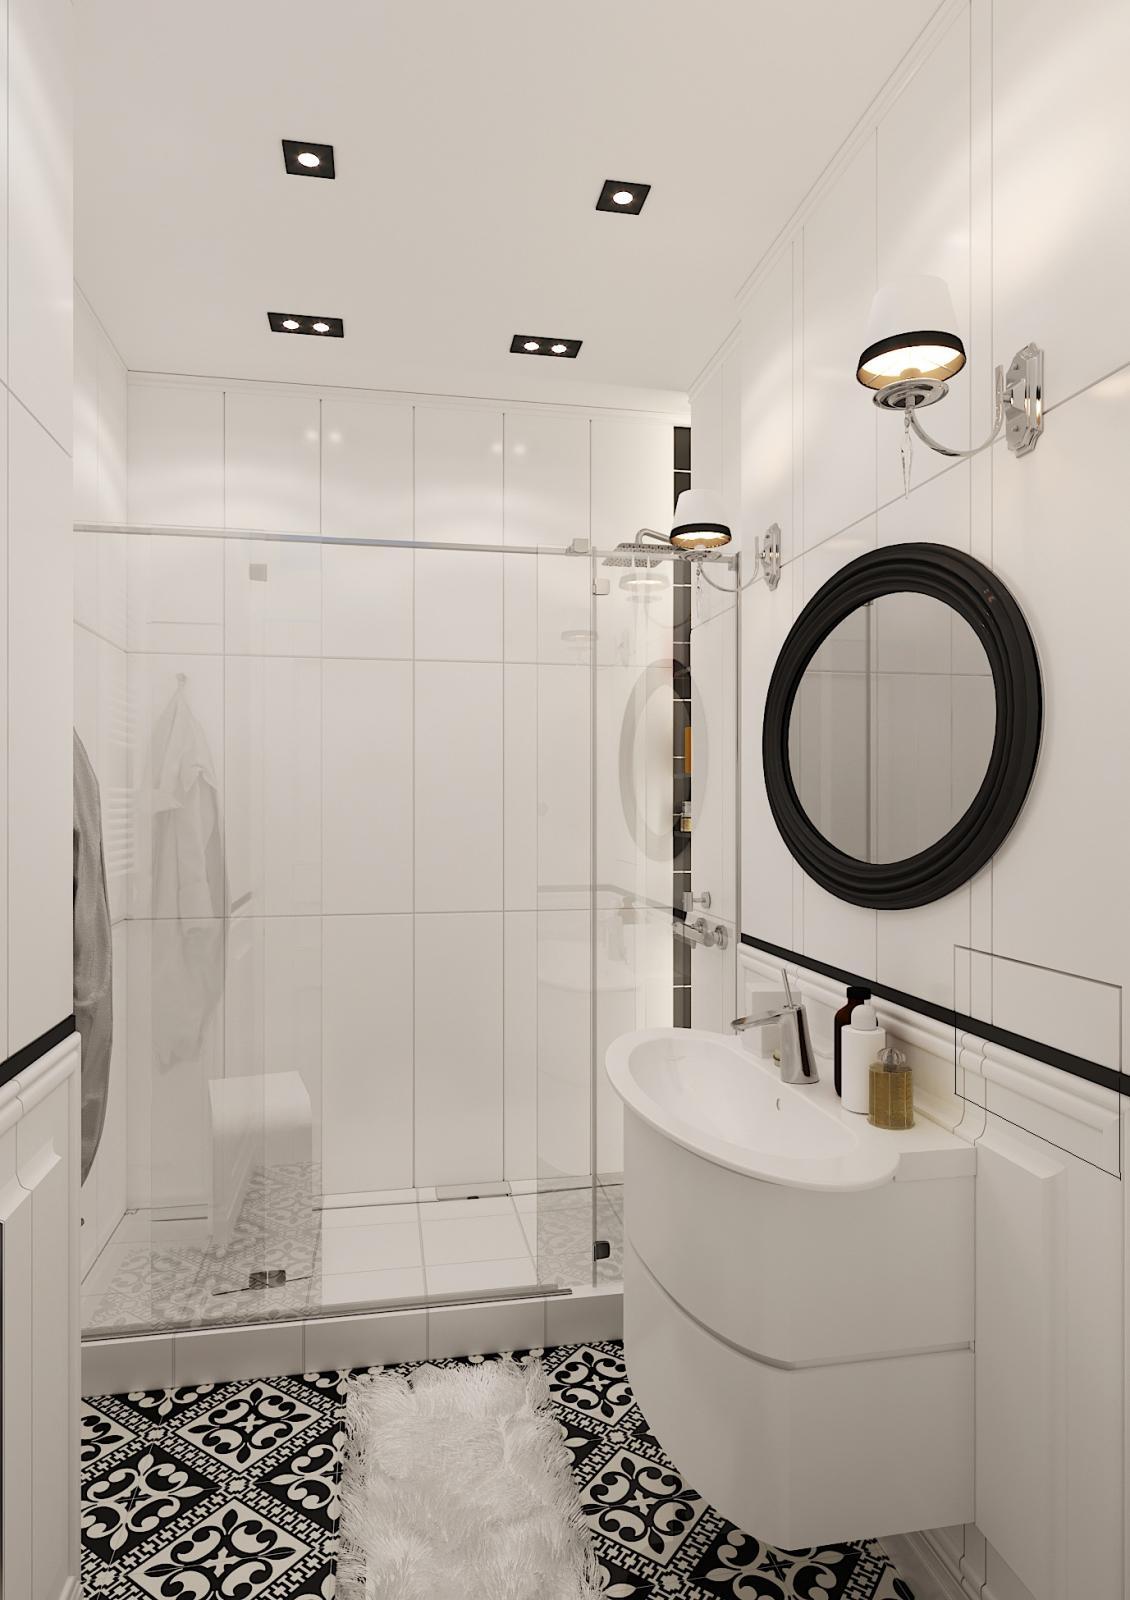 Ванная комната и санузел в ЖК Барселона